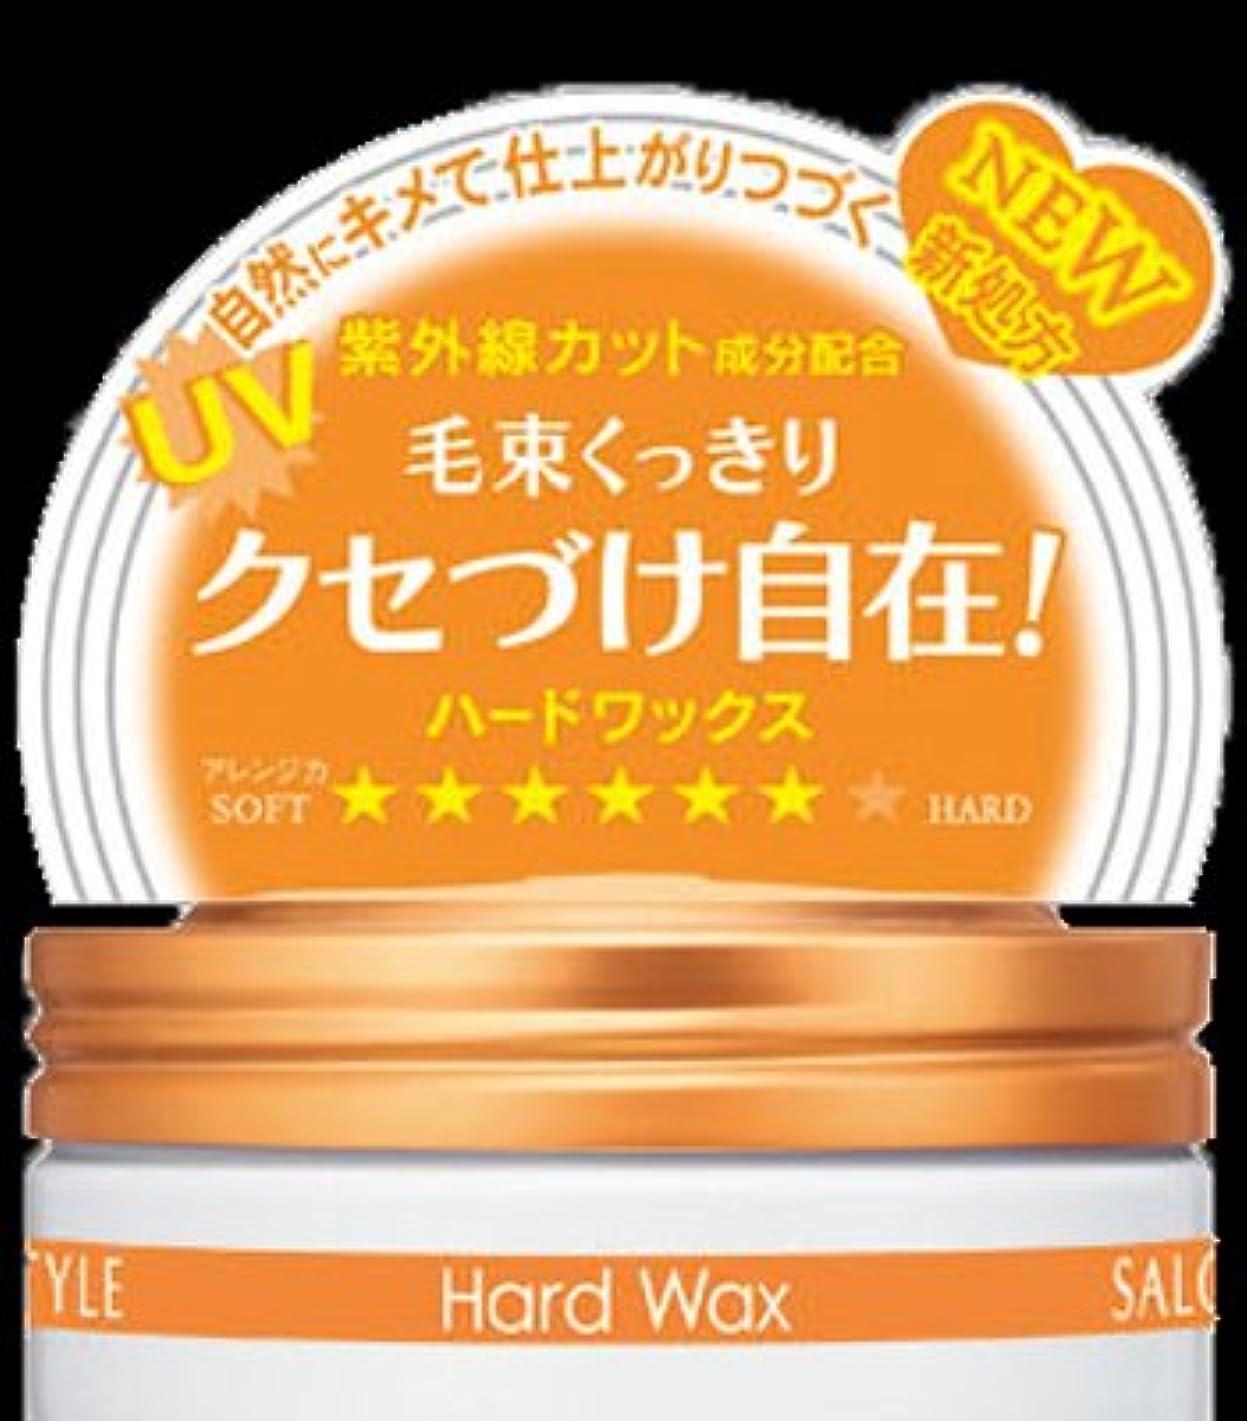 ブーム保証マサッチョコーセー サロンスタイル ヘアワックスC ハード 75g さわやかなフルーティフローラルの香り×48点セット (4971710313574)